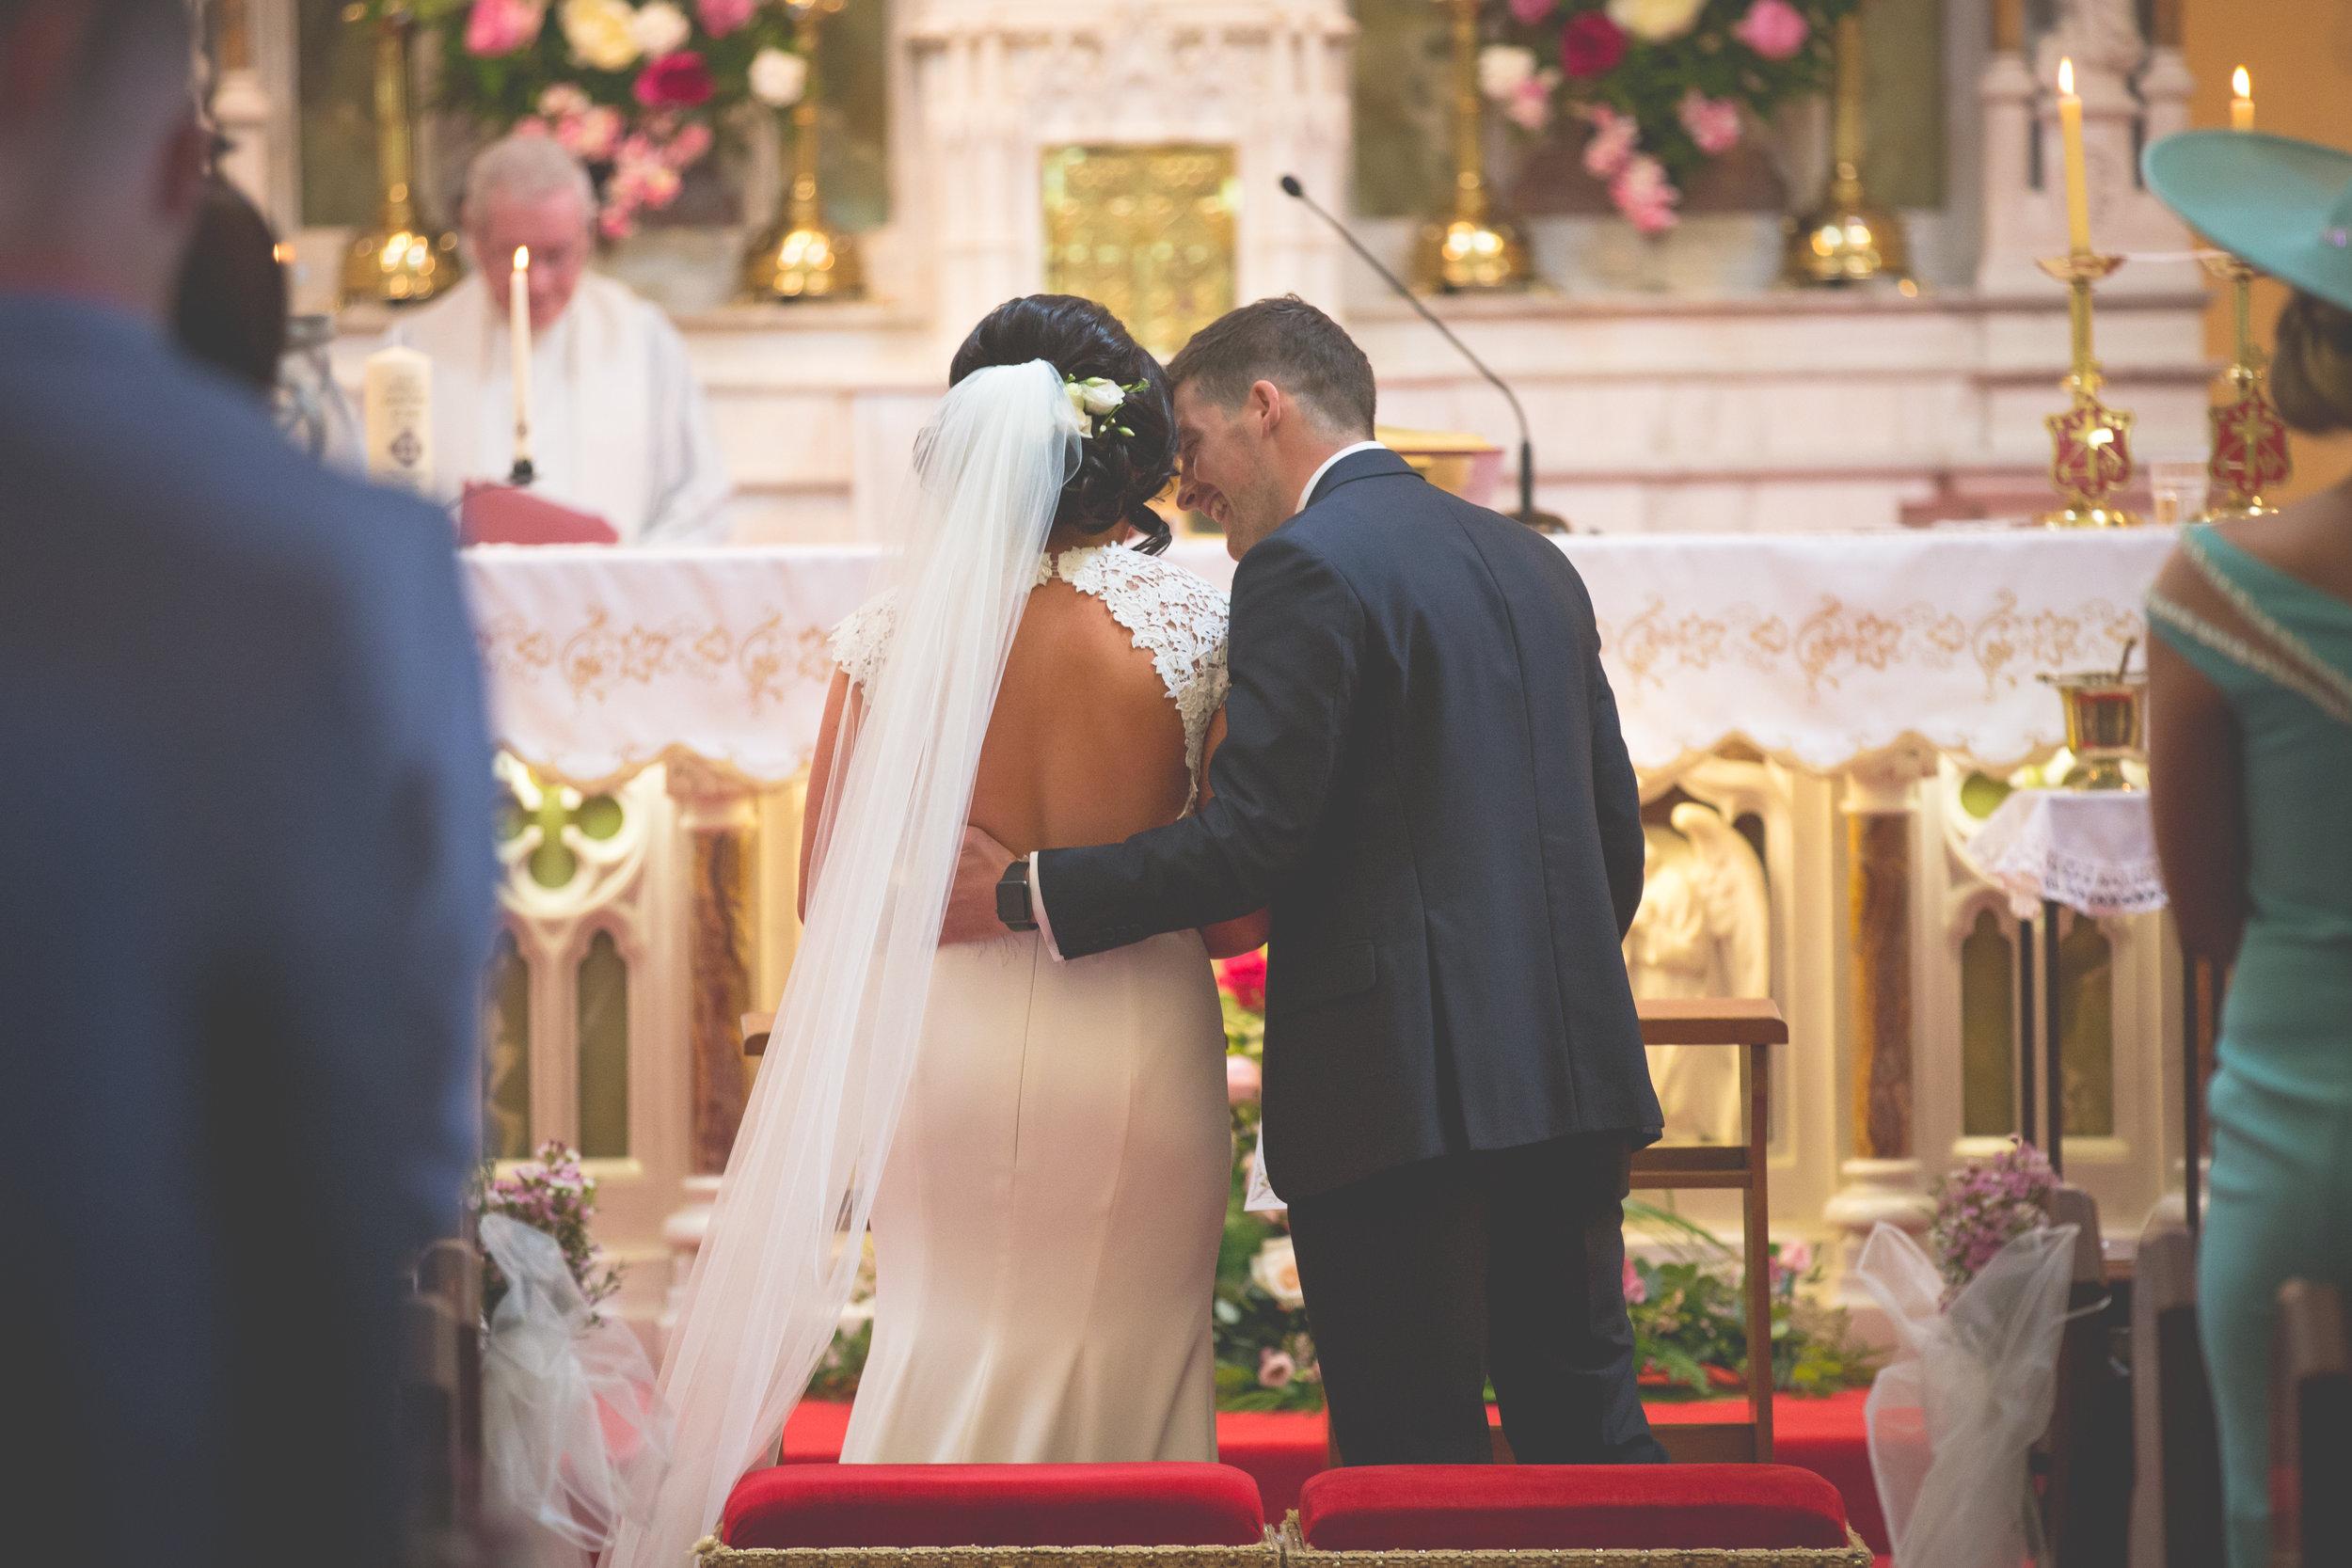 Brian McEwan Wedding Photography   Carol-Anne & Sean   The Ceremony-30.jpg